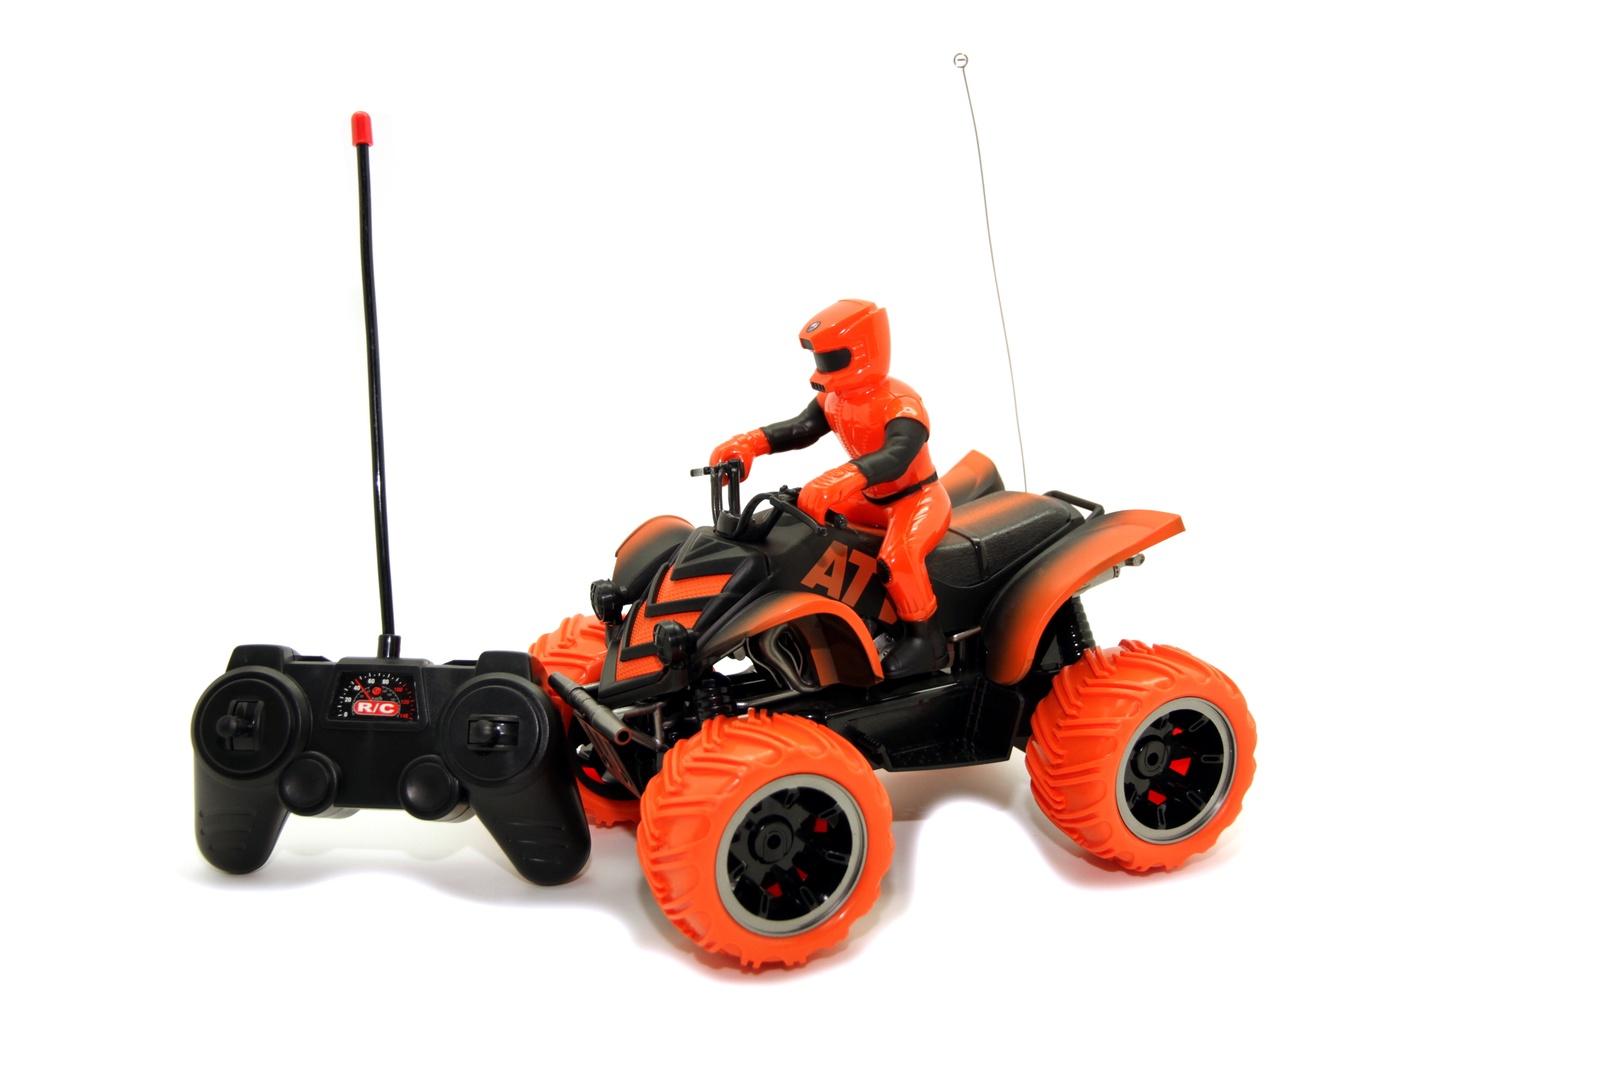 цена на Игрушка радиоуправляемая Balbi MTR-001-O оранжевый